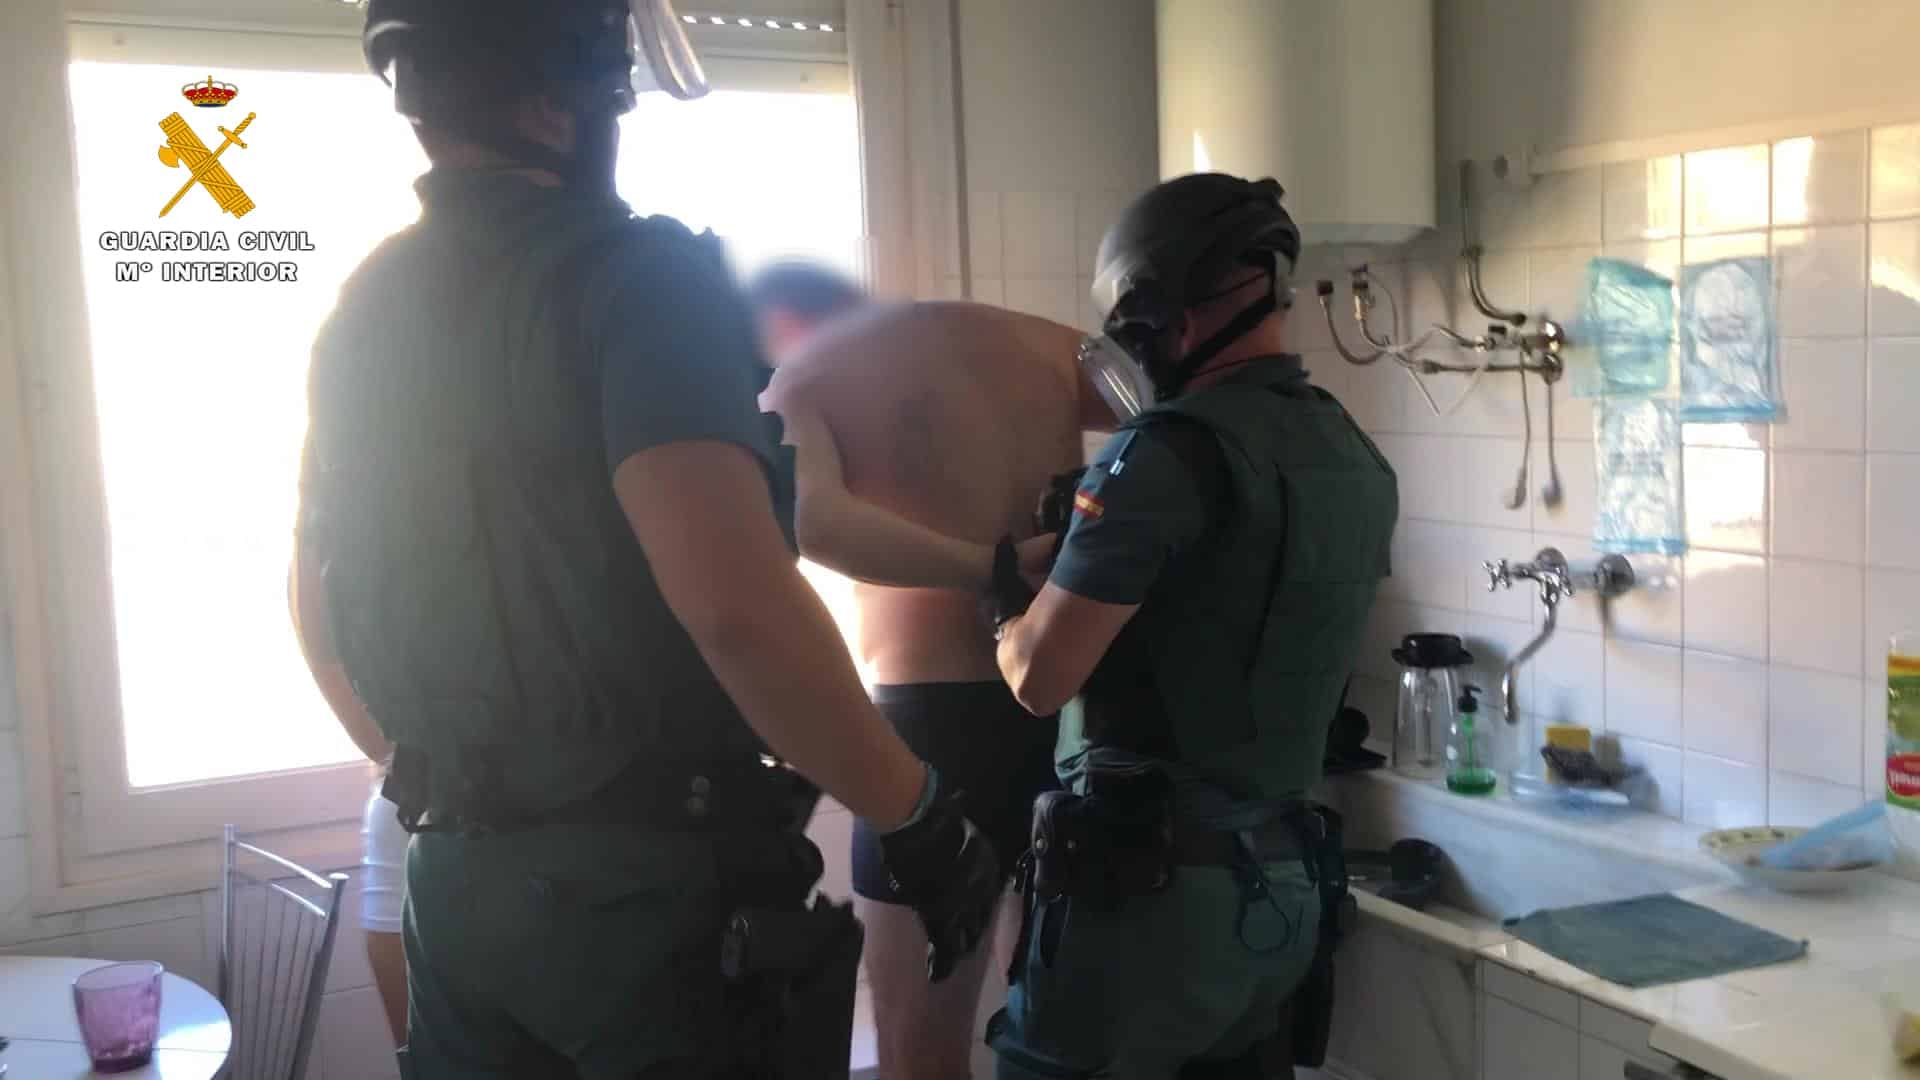 La Guardia Civil desmantela un punto de venta de cocaína en Fuenmayor 4